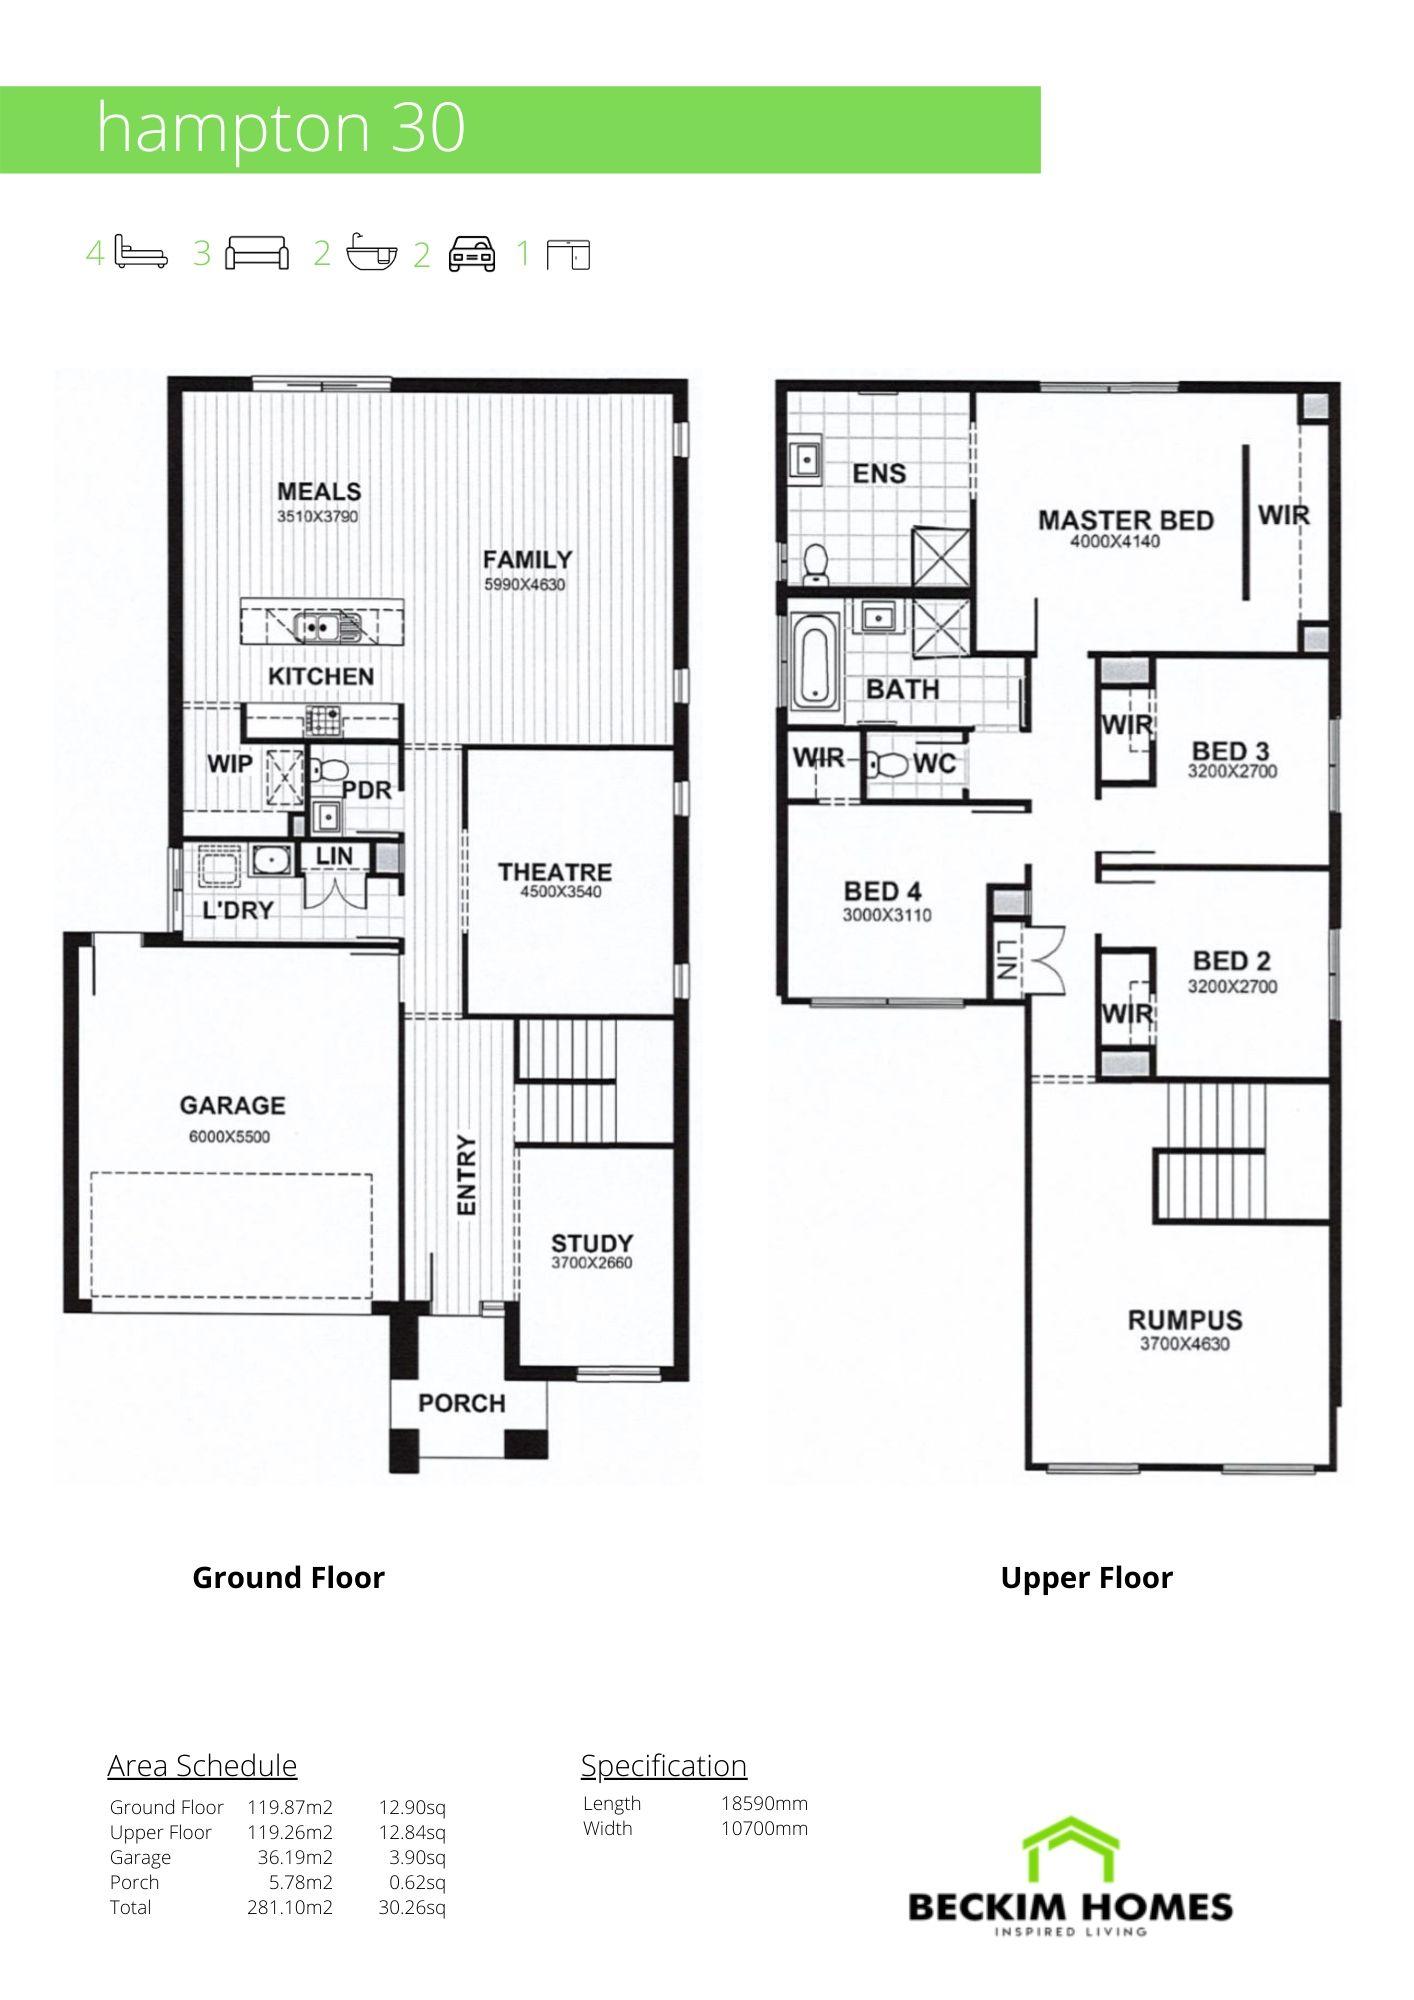 Double Storey Floor Plans | Beckim Homes - New Home Builders